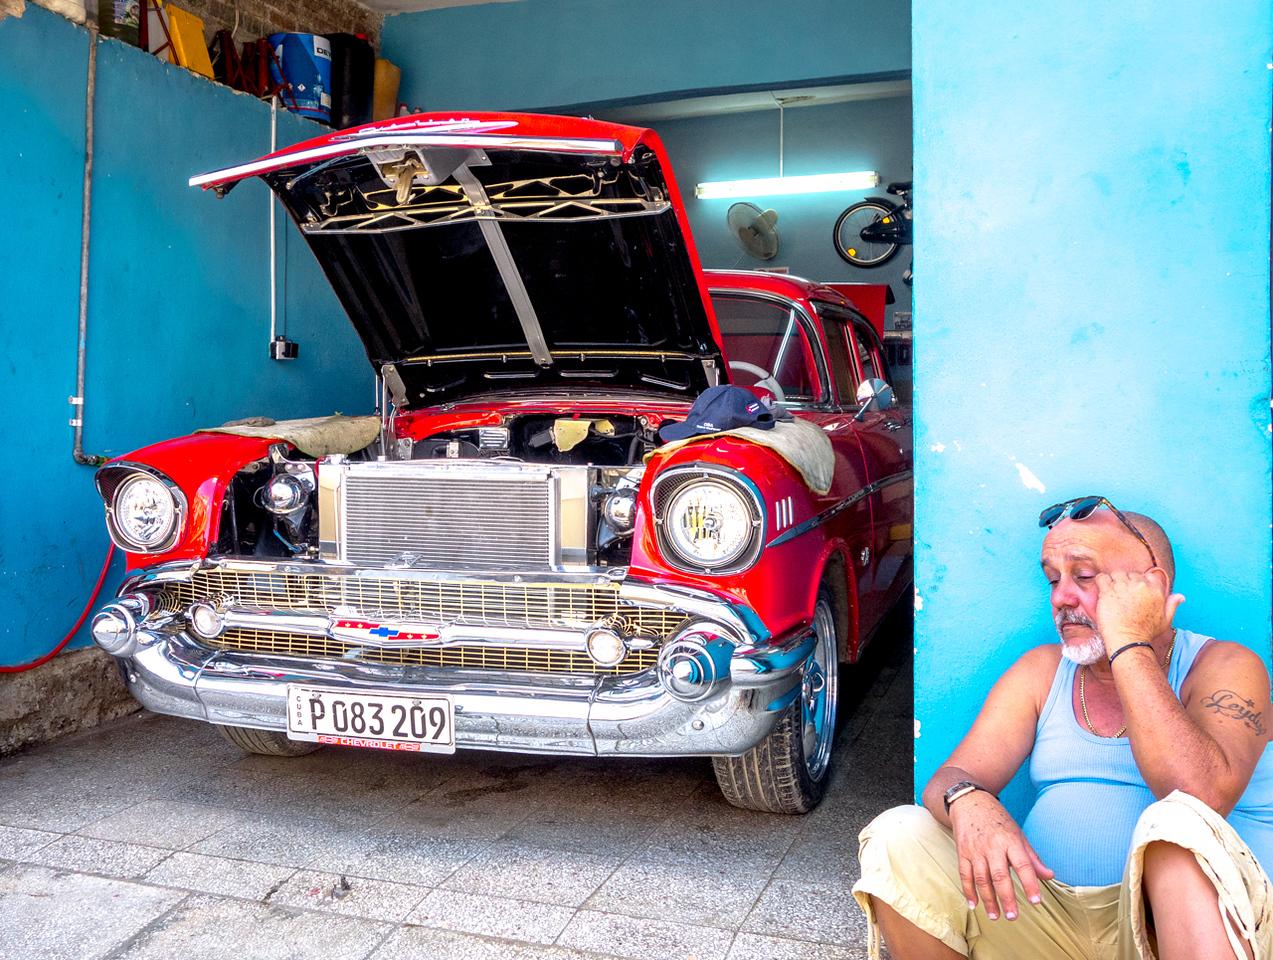 IMAGE: https://photos.smugmug.com/Cuba-2011-/Life/i-26zDJ4v/0/0f1ed139/X2/DSC03365-X2.jpg